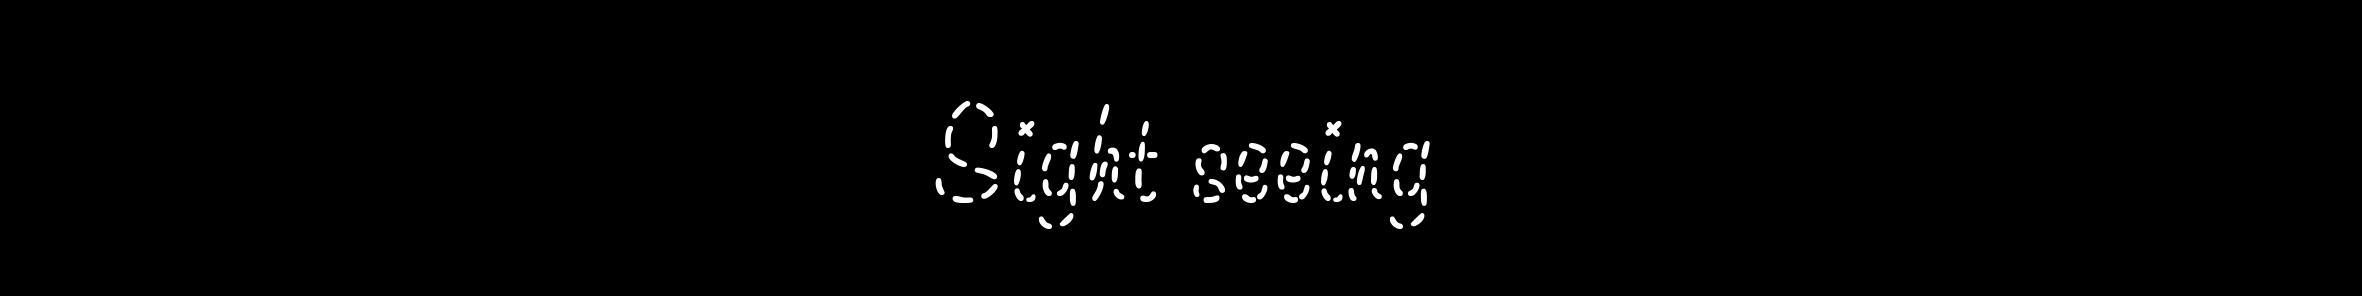 sight seeing